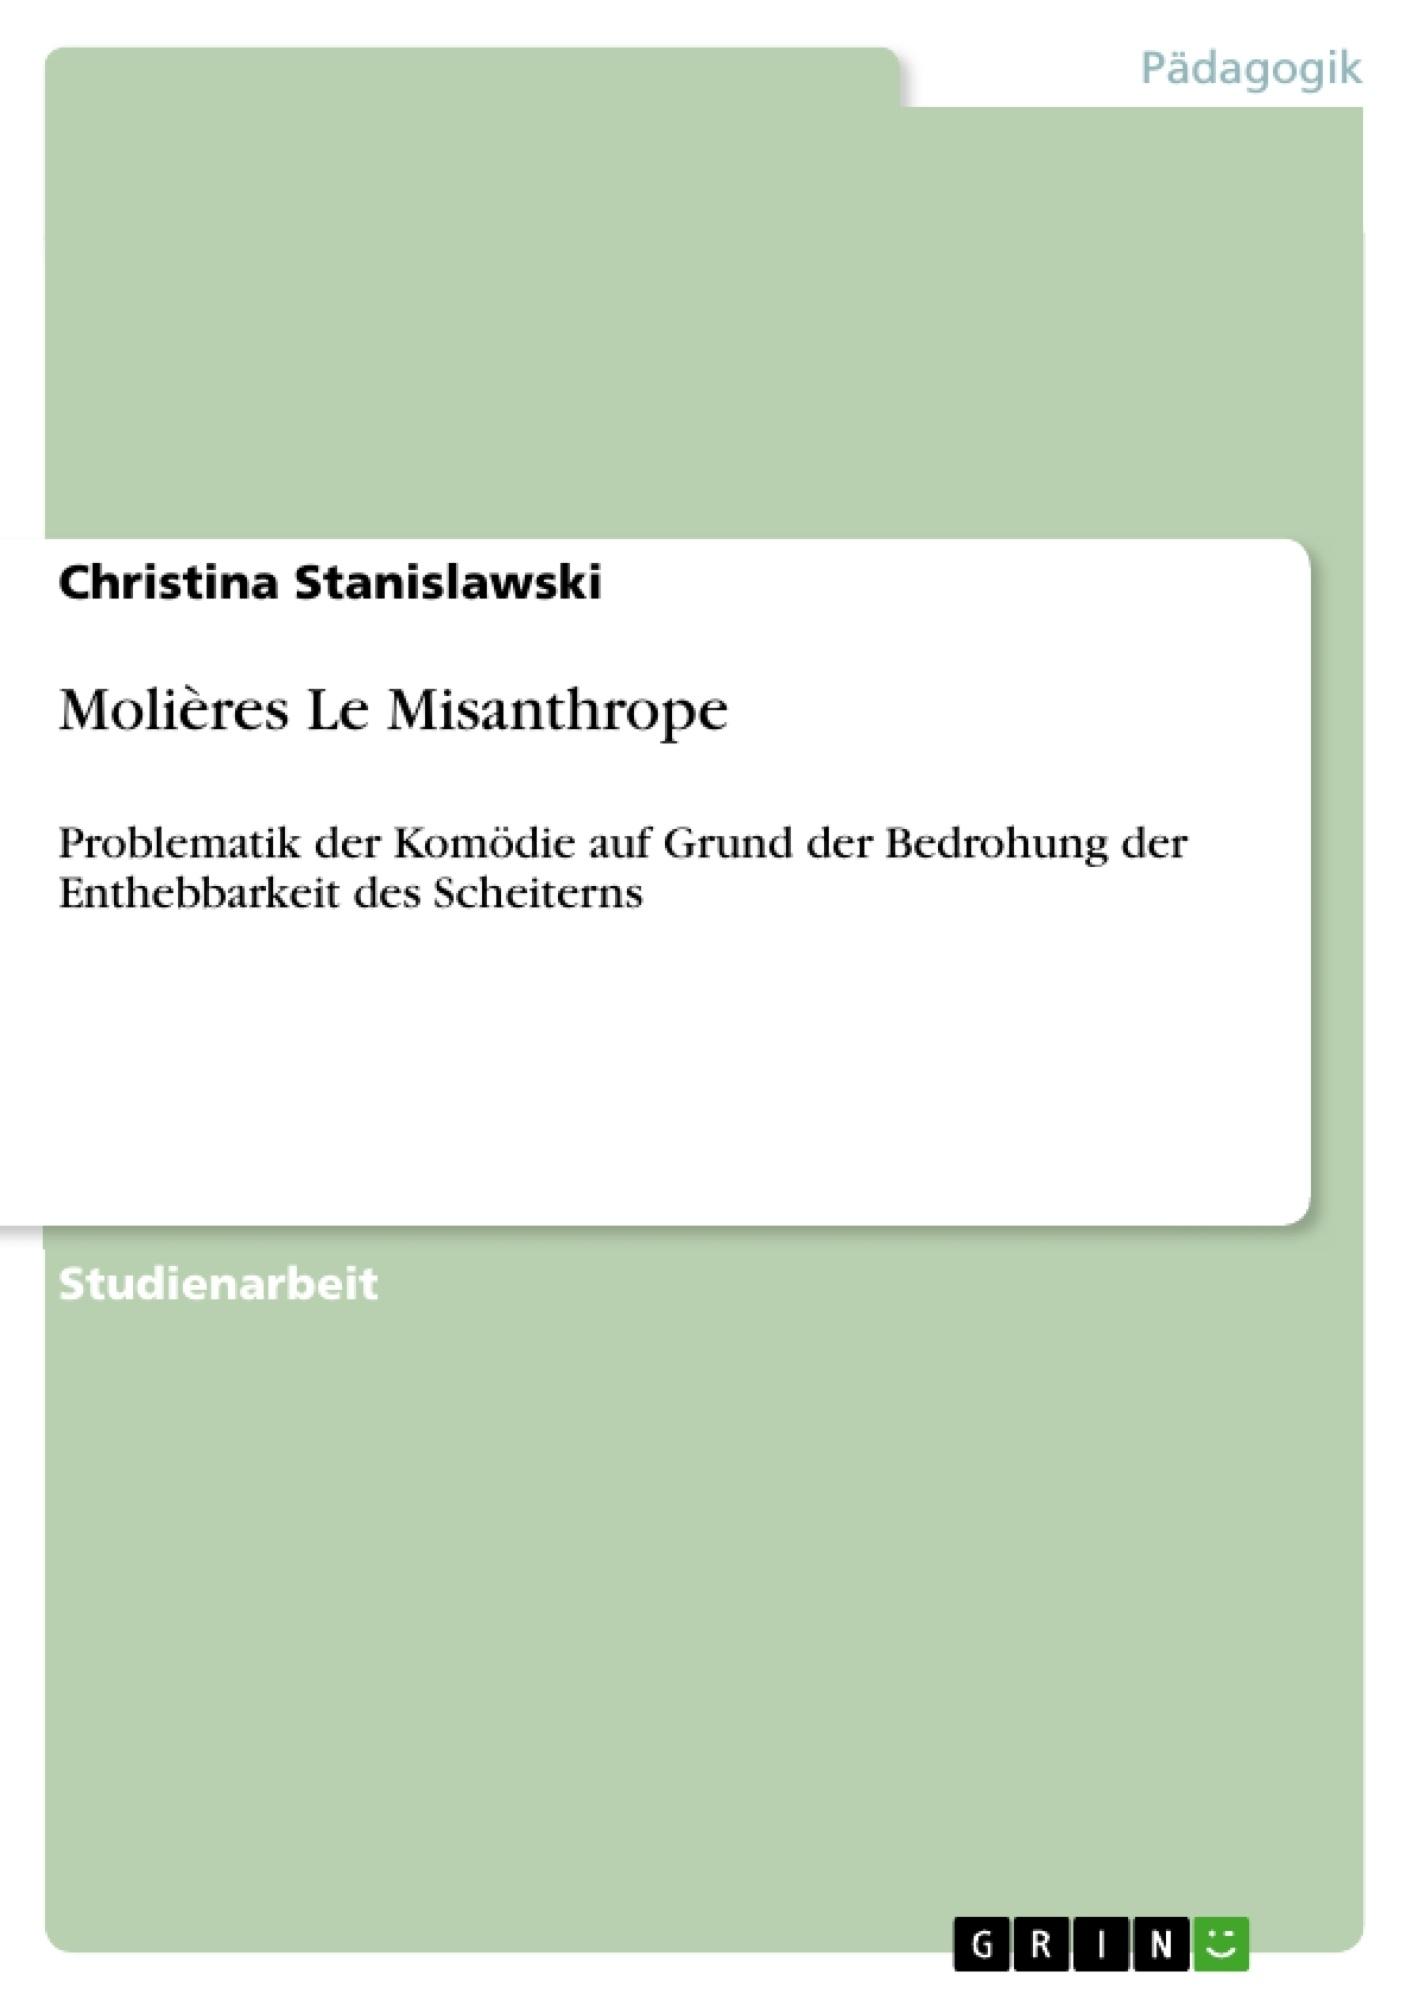 Titel: Molières Le Misanthrope